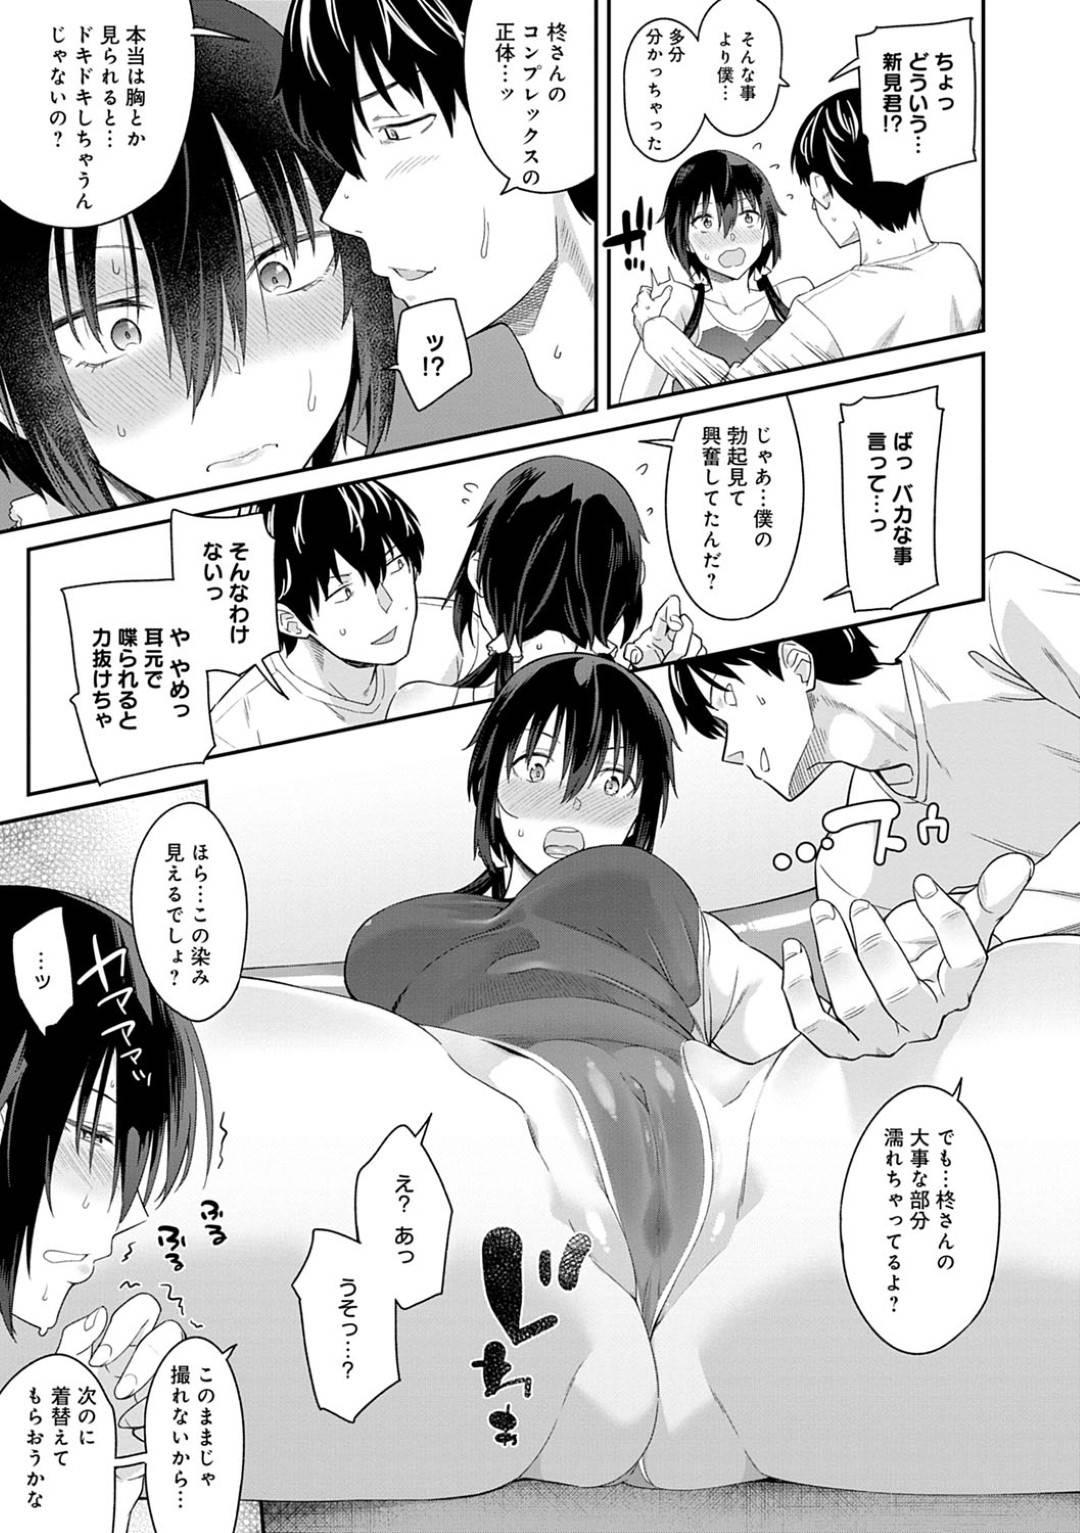 【イチャラブエロ漫画】太ってないか気にしてるJKに対して男子高生は、水着撮影会をすると興奮ししてしまい、イチャラブ中出しセックス【折口ヒラタ】